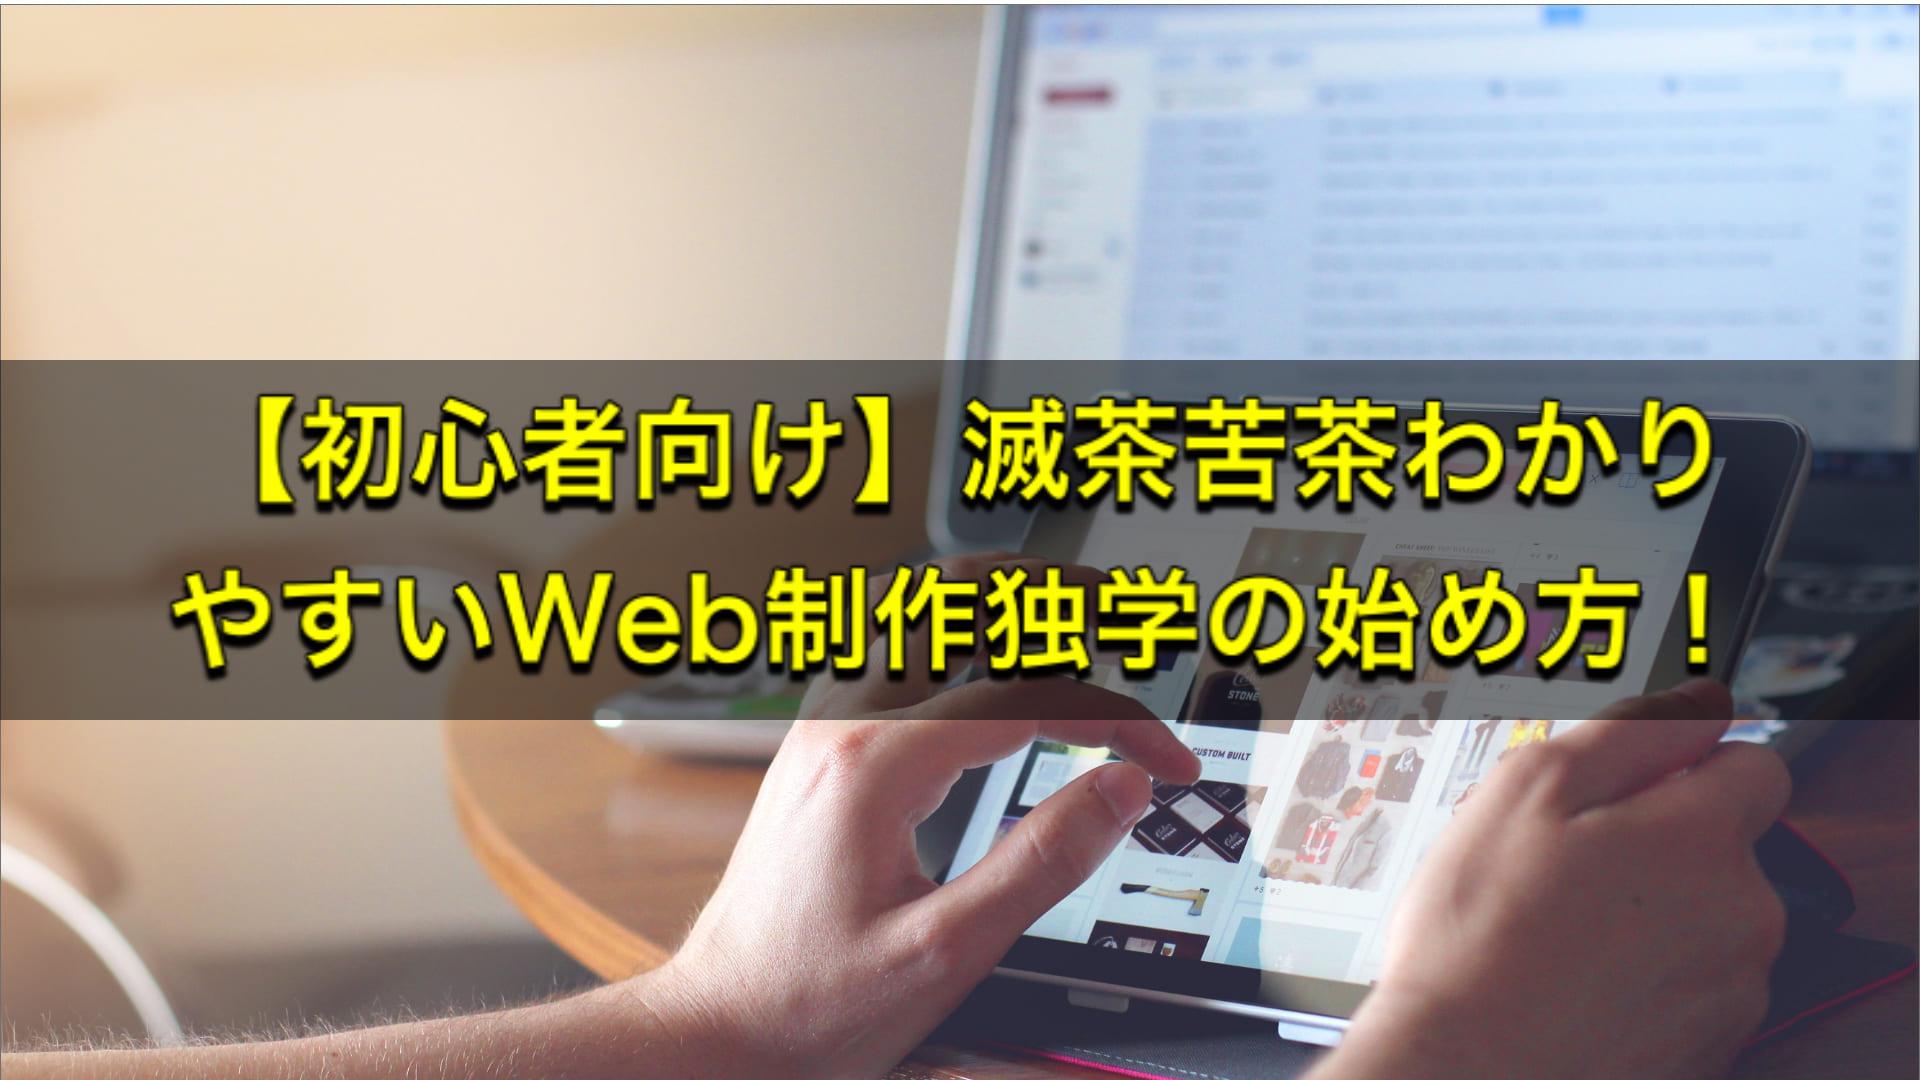 【初心者向け】滅茶苦茶わかりやすいWeb制作独学の始め方! 【最短距離で収益化できます】